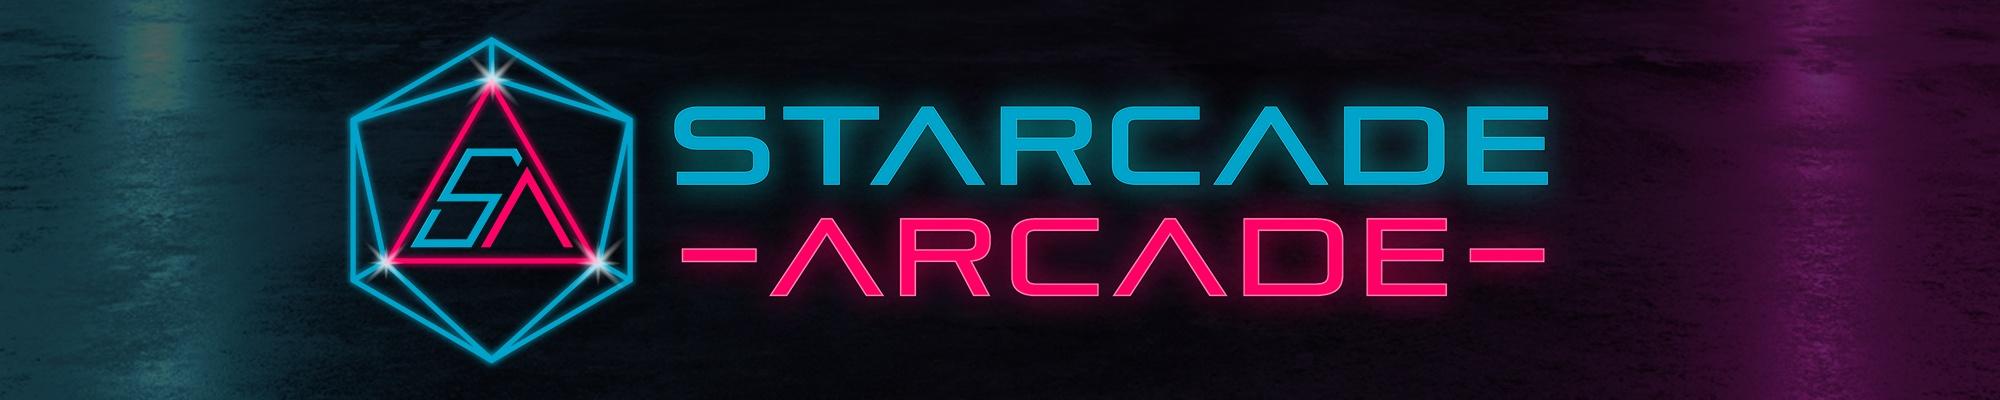 starcadearcade Cover